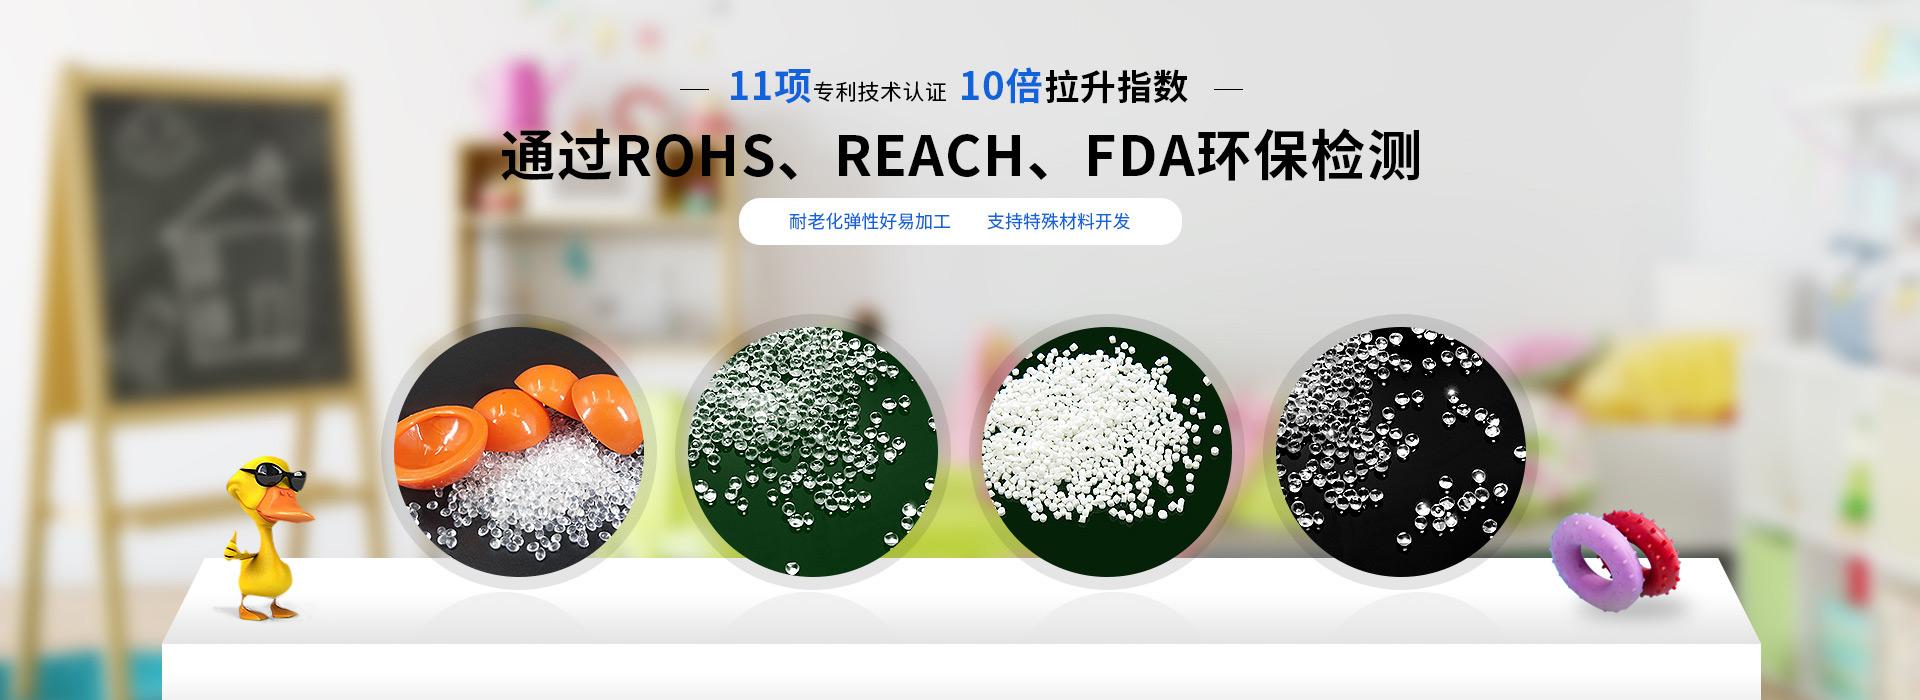 国丰TPE/TPR材料荣获11项专利技术认证 10倍拉升指数  通过ROHS、REACH、FDA环保检测